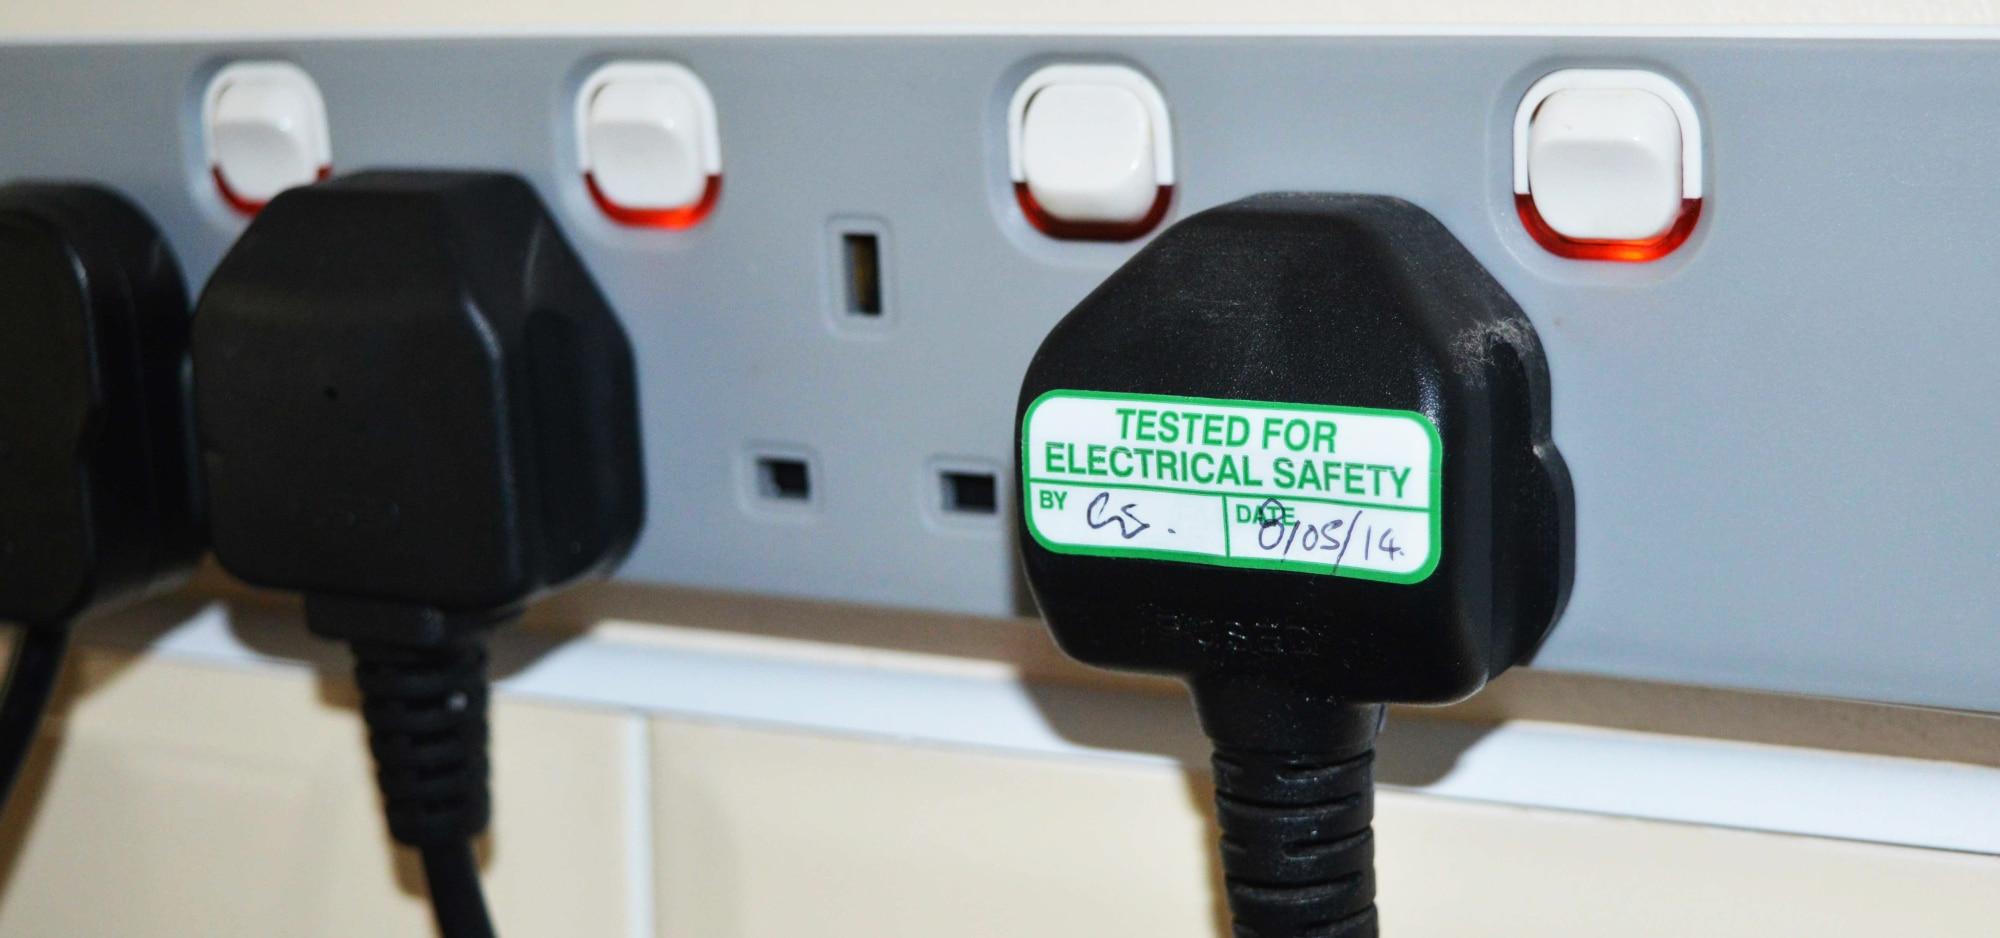 PAT test on plug